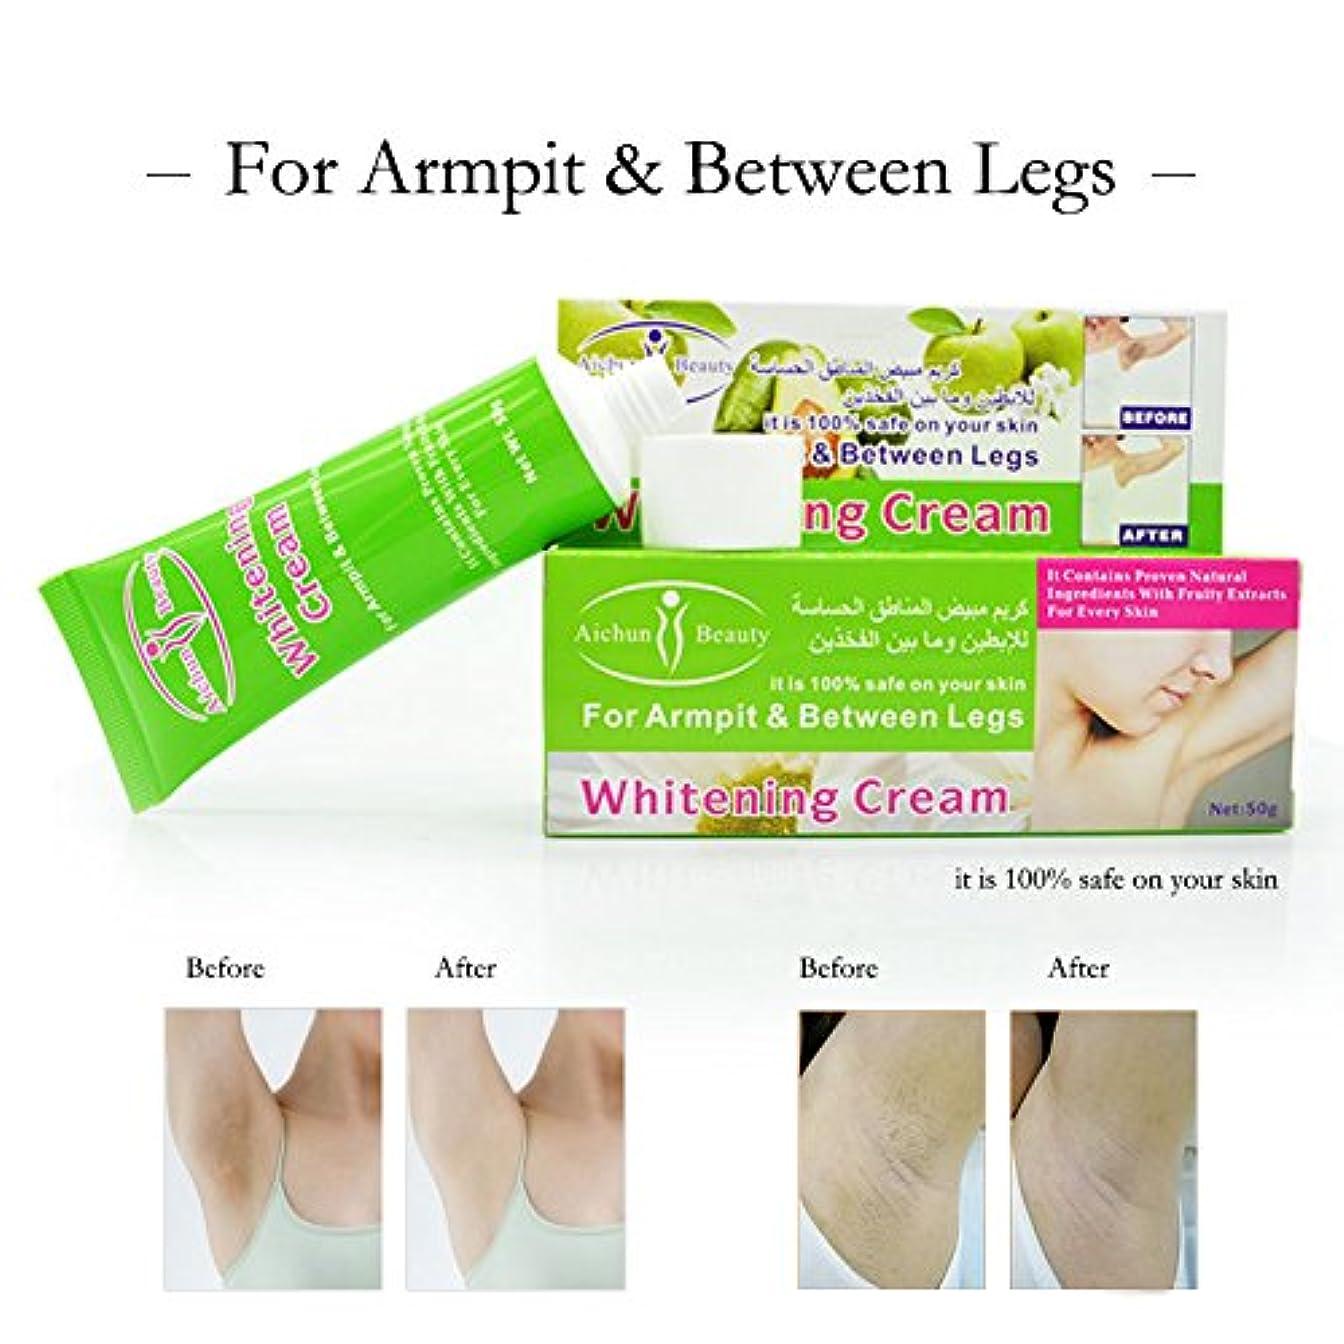 反論者応じる旋律的ボディダークライトニング膝の保湿のためのLanthome Aichun脇の下脇の下寧漂白クリーム